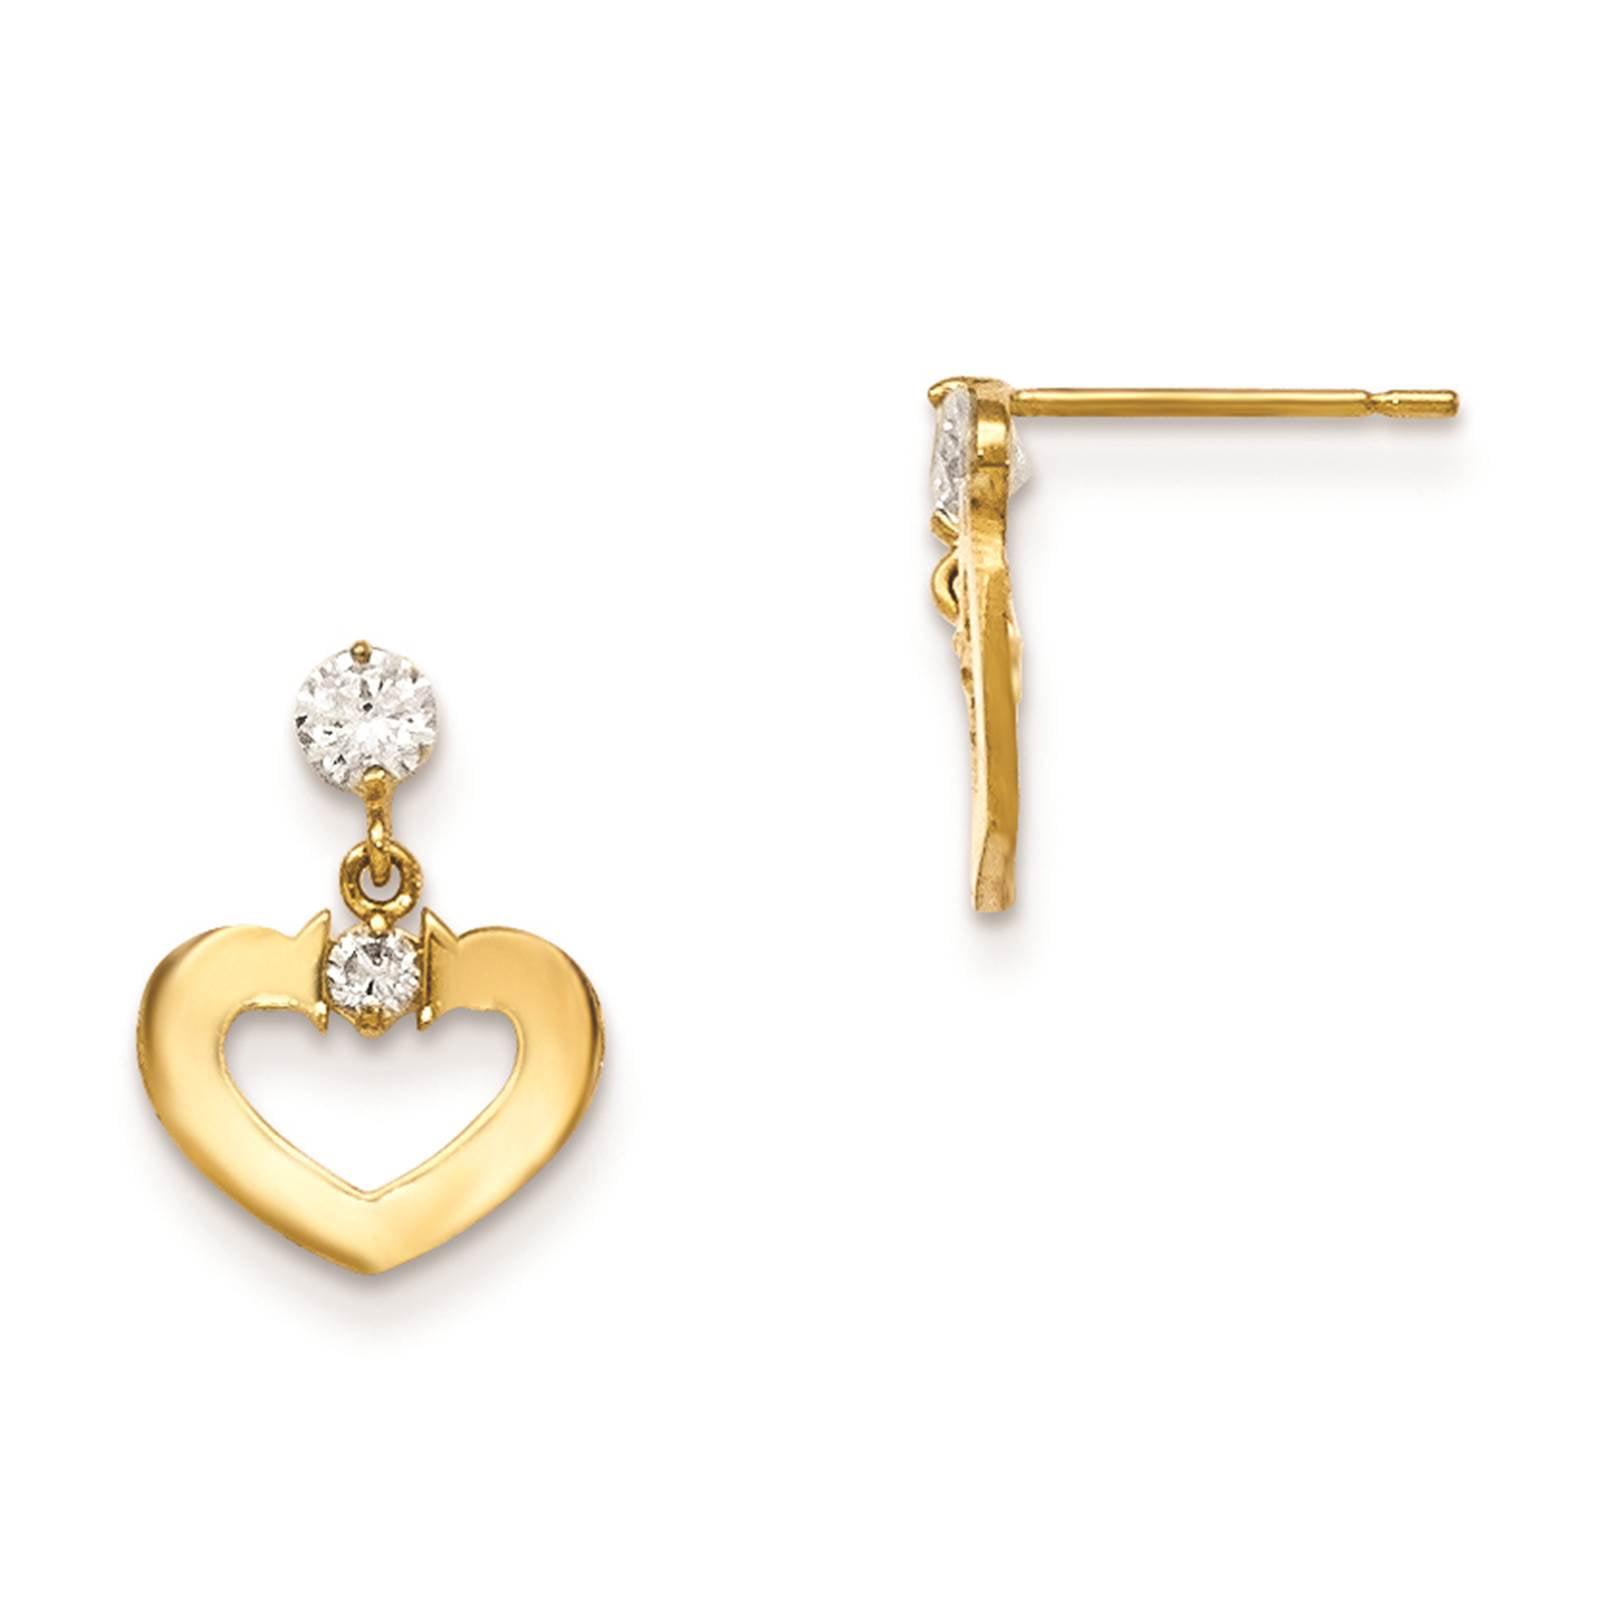 Madi K 14k Yellow Gold & Children's Heart Dangle Post Earrings